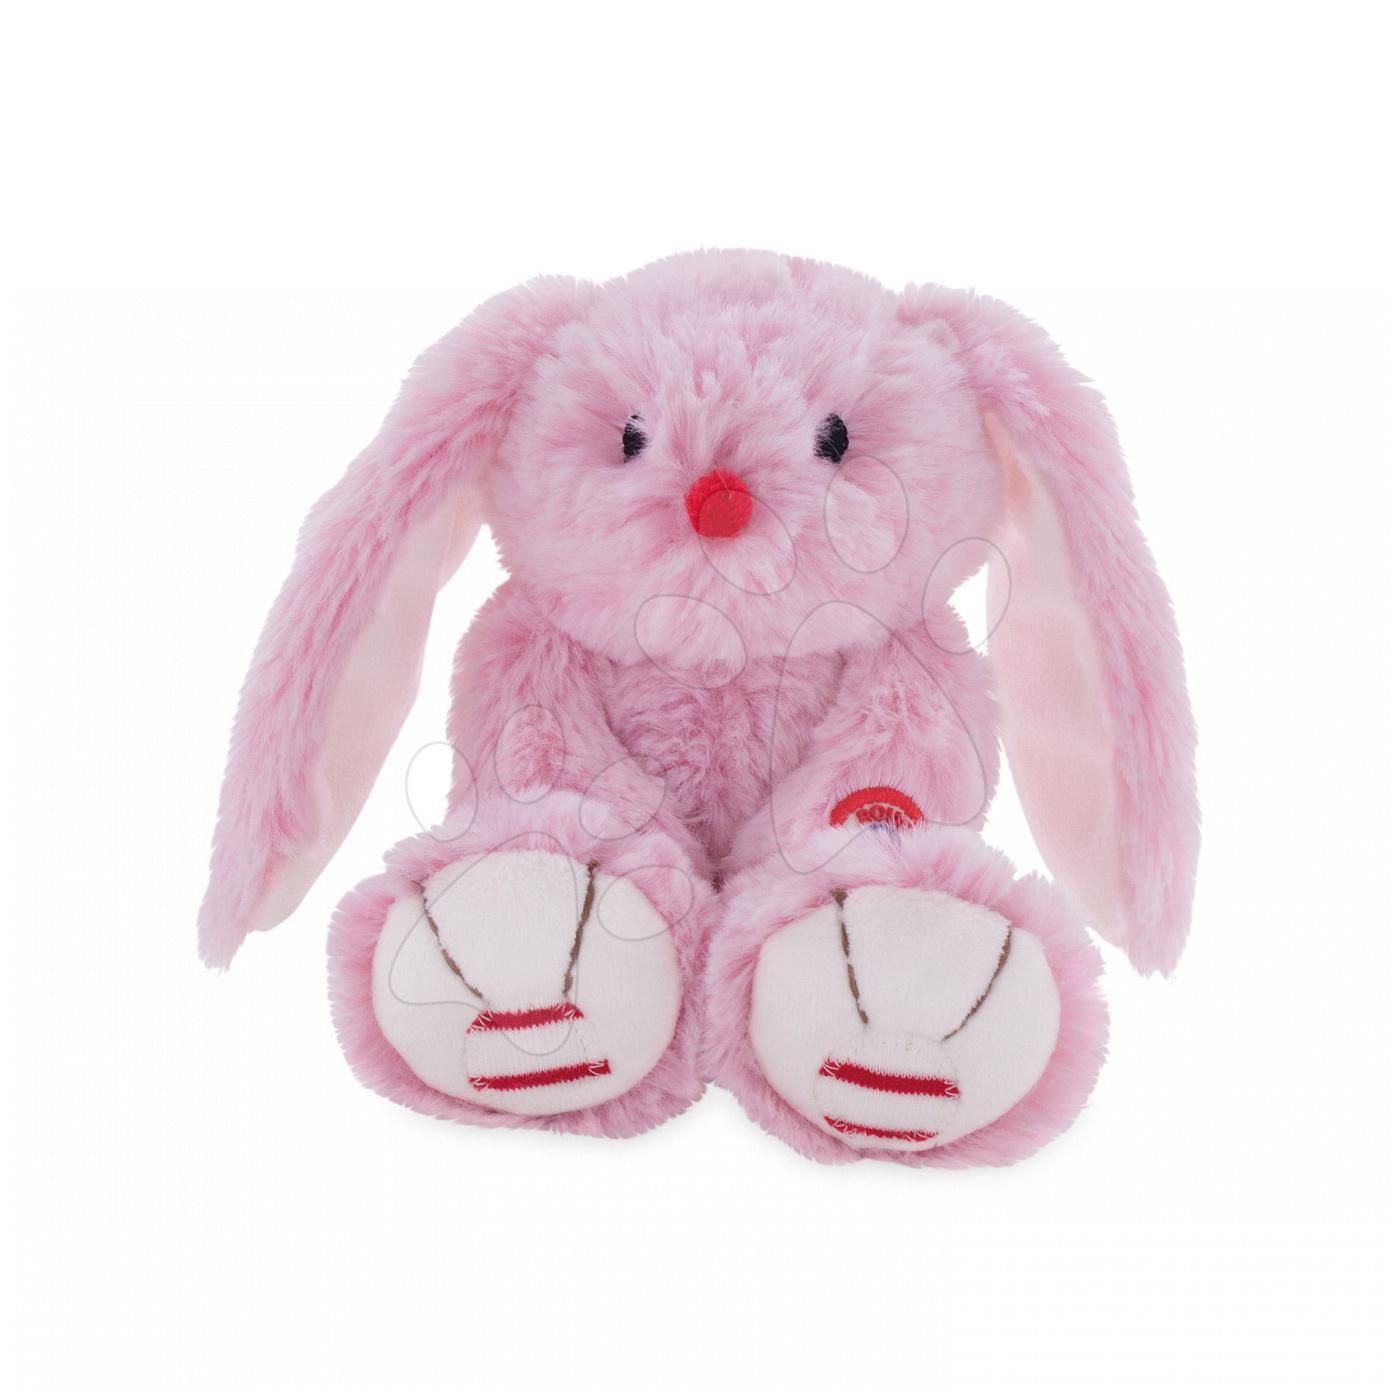 Kaloo plyšový zajačik Rouge Small pre najmenších 963545 ružovo-krémový